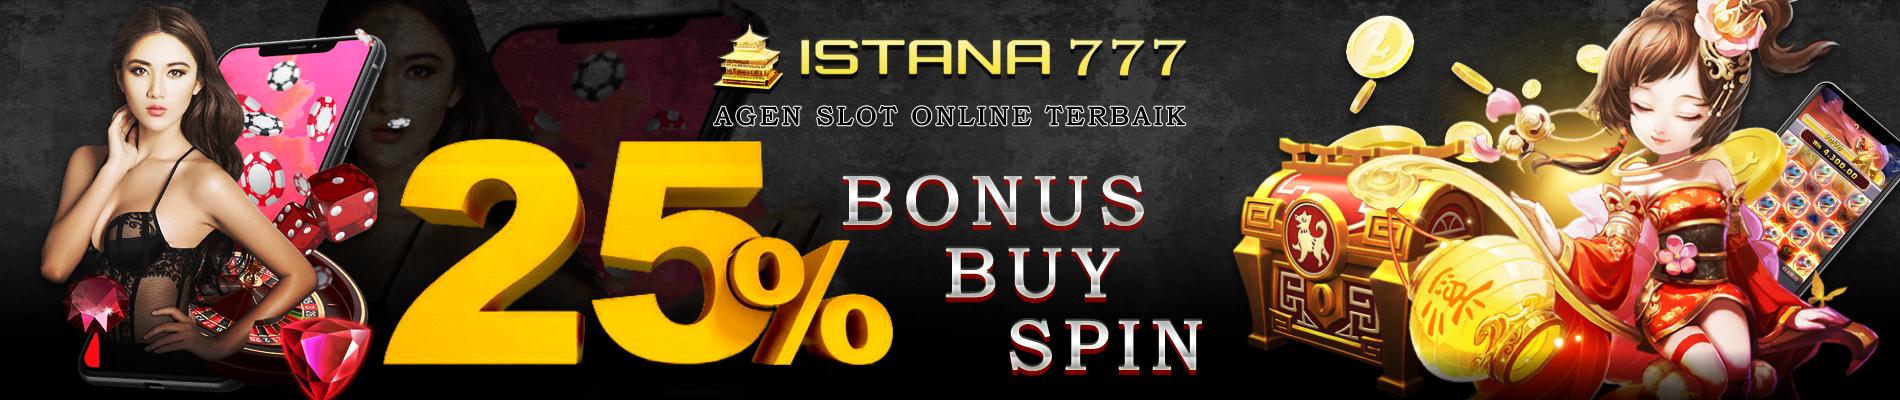 Bonus Buy Spin 25%